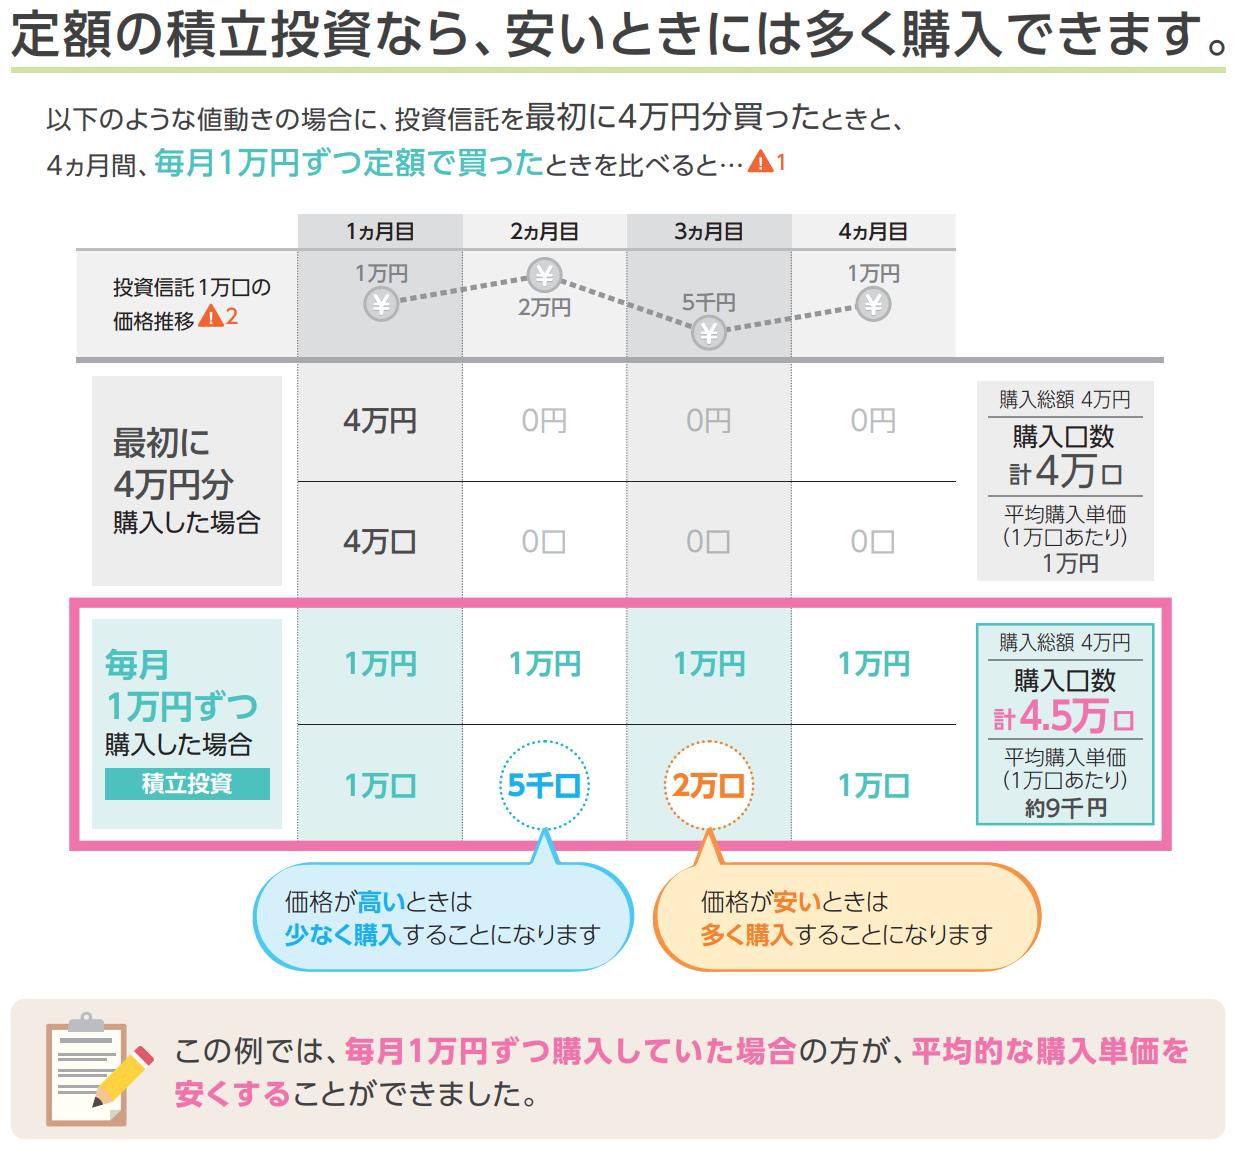 「4万円分の投資信託を最初に一括で買った場合」と「4ヶ月間、毎月1万円ずつ買った場合」を比較した図